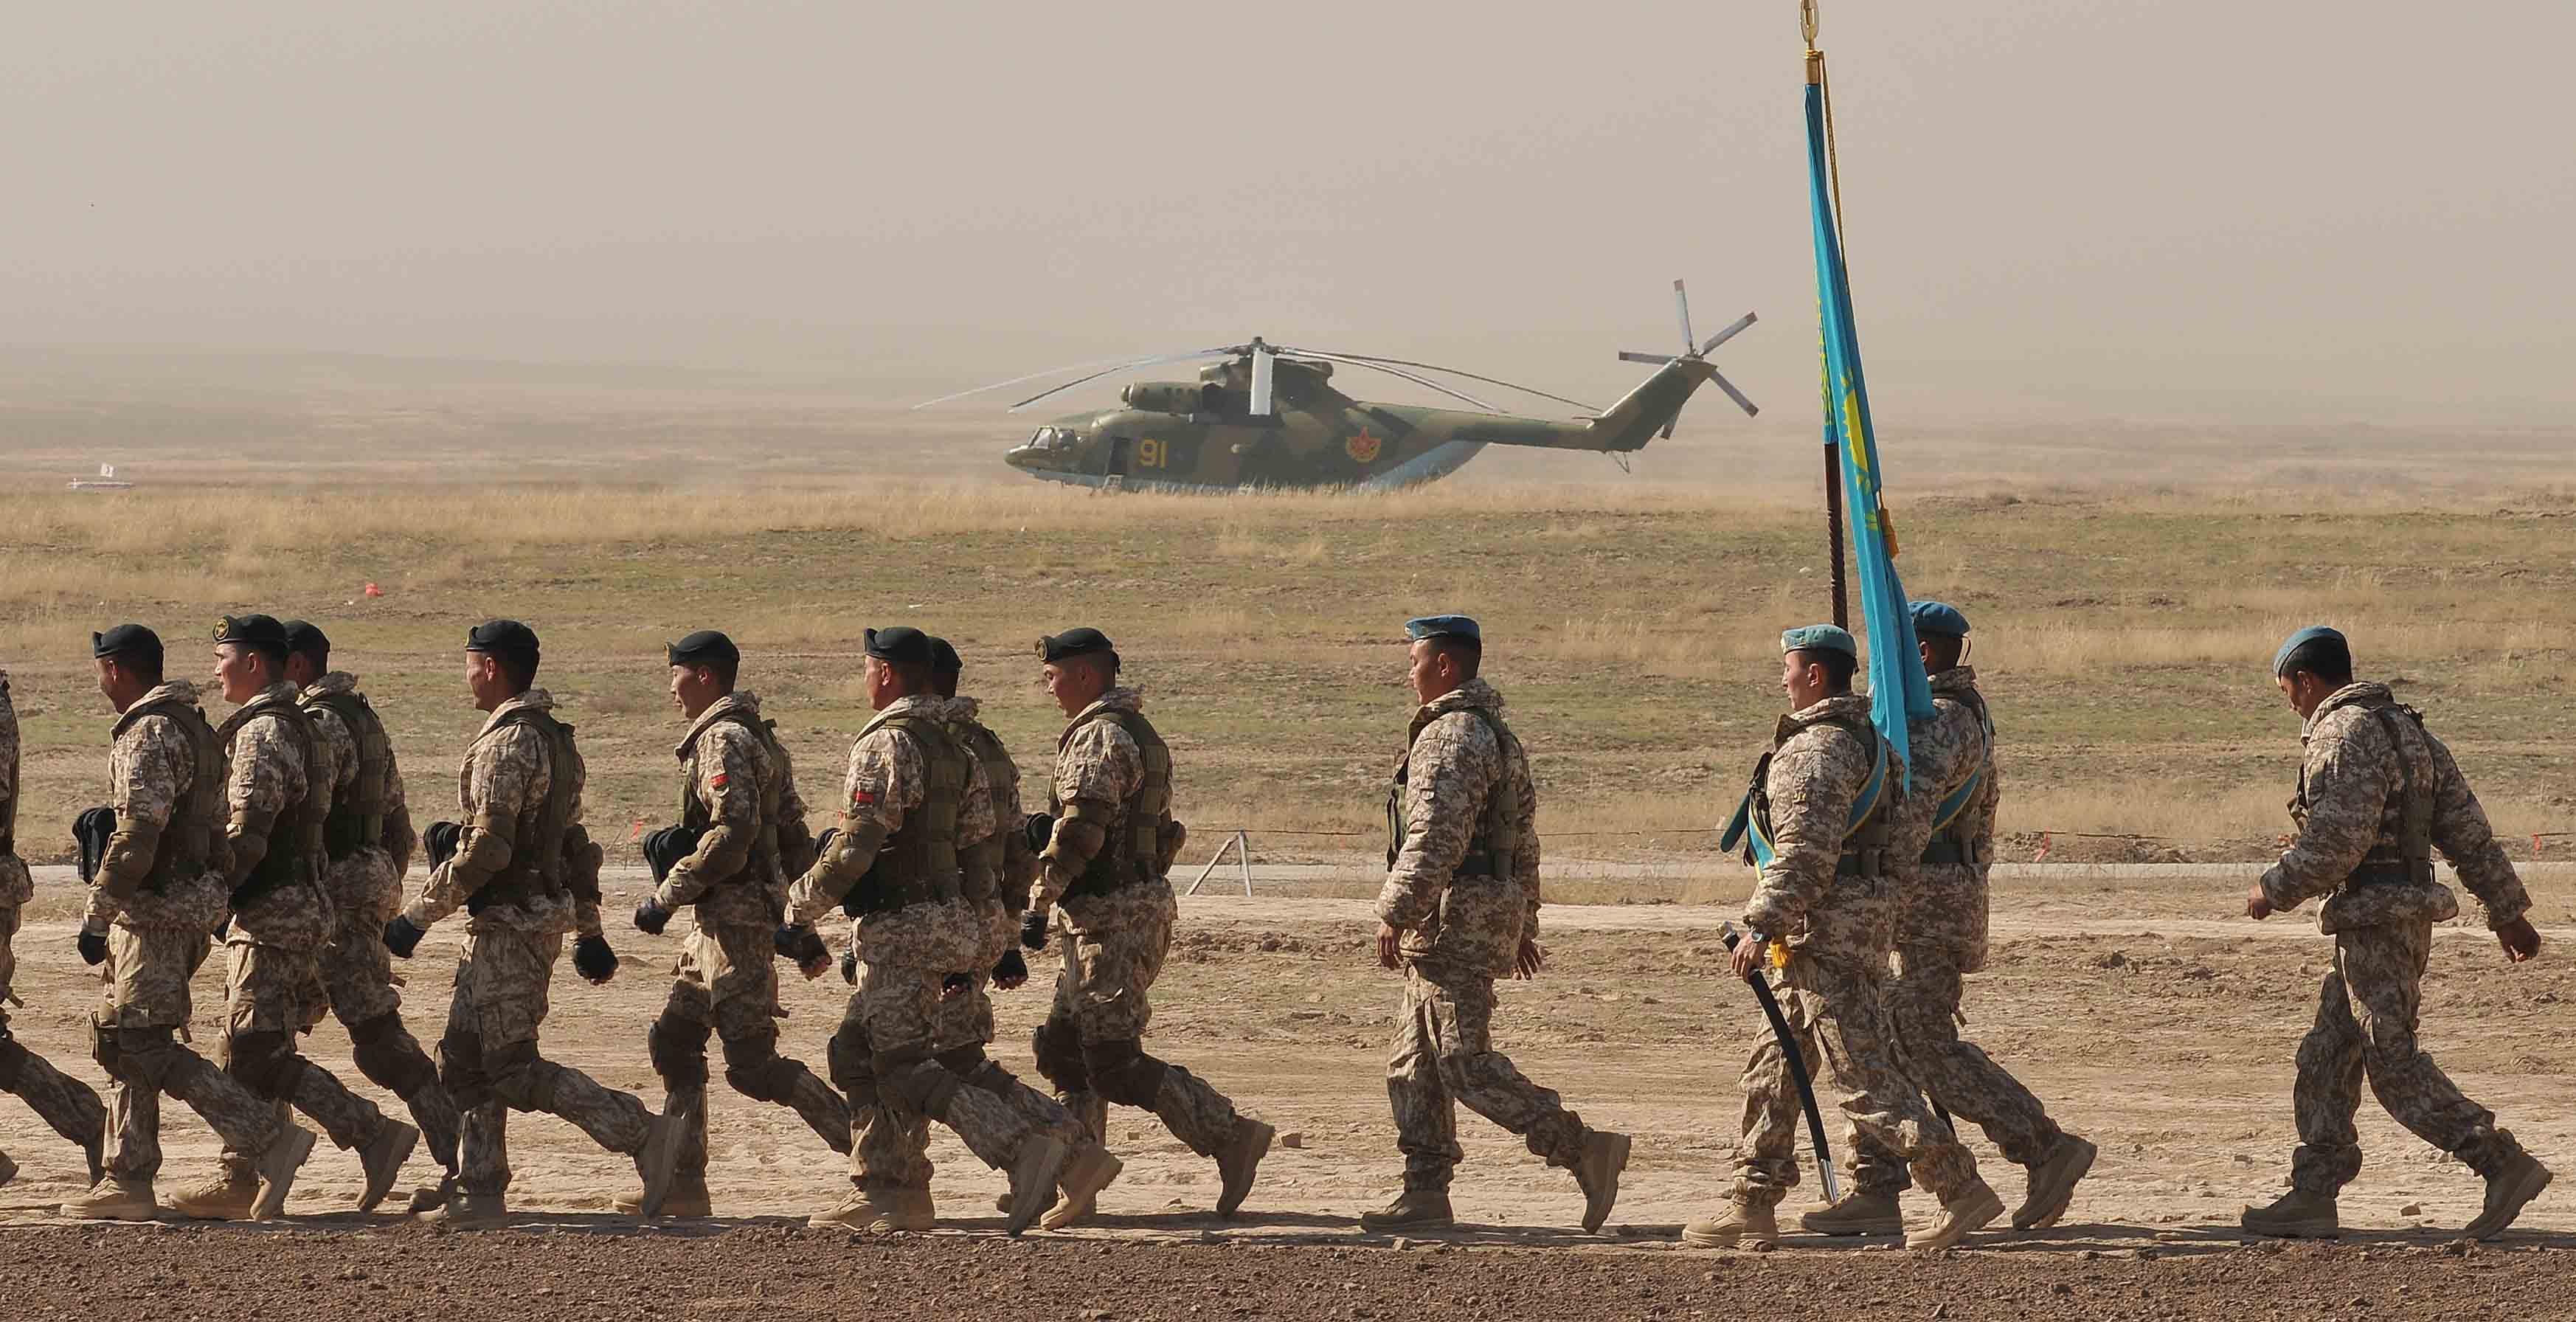 РСМД :: Роль СНГ и ОДКБ в обеспечении безопасности Центральной Азии